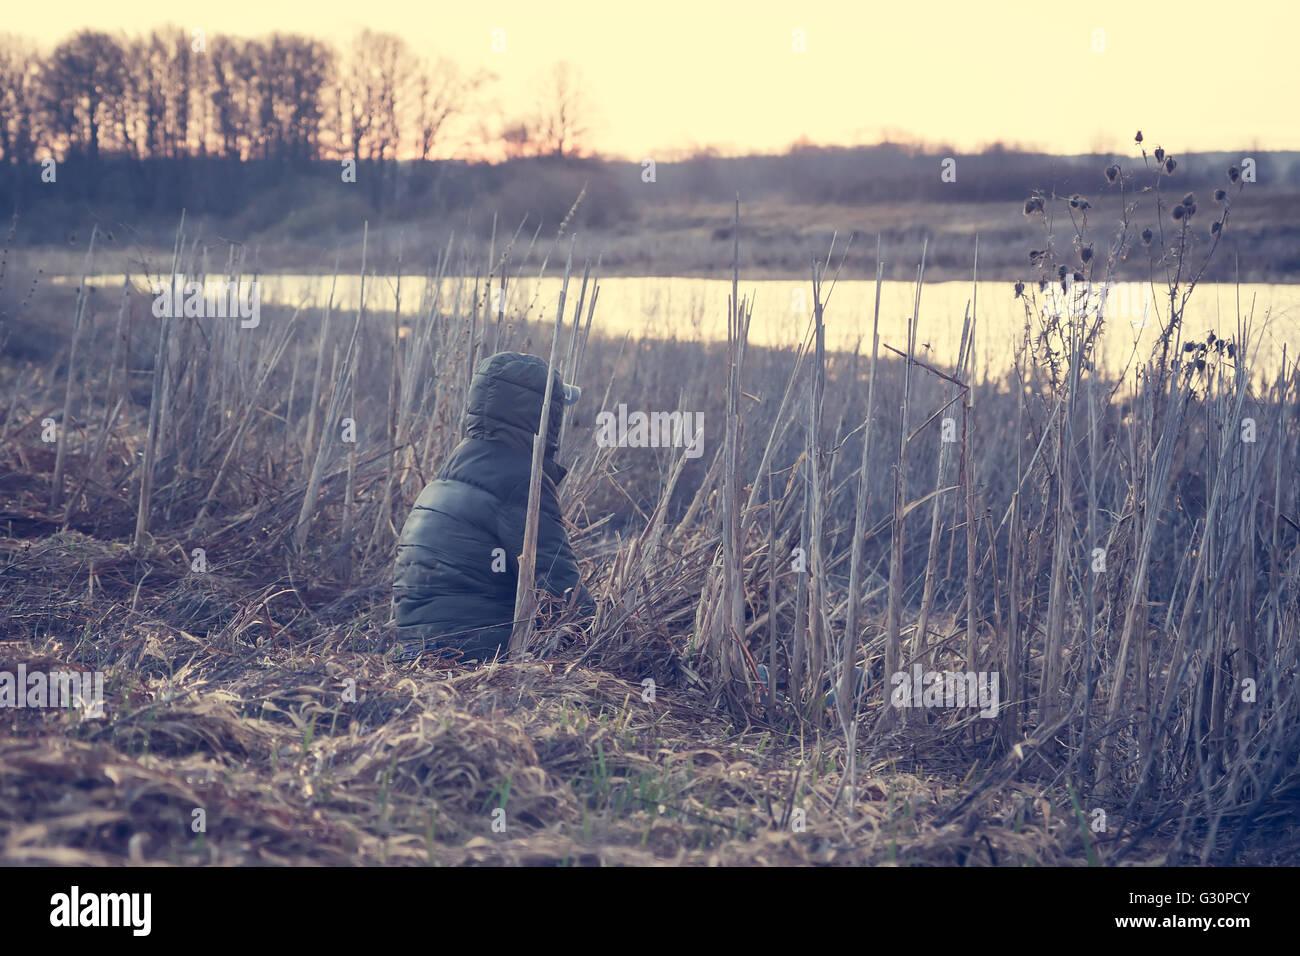 El viajero se sienta en un ámbito rural y disfrutar del paisaje. Lonely Man custodiando las brumosas mañanas Imagen De Stock